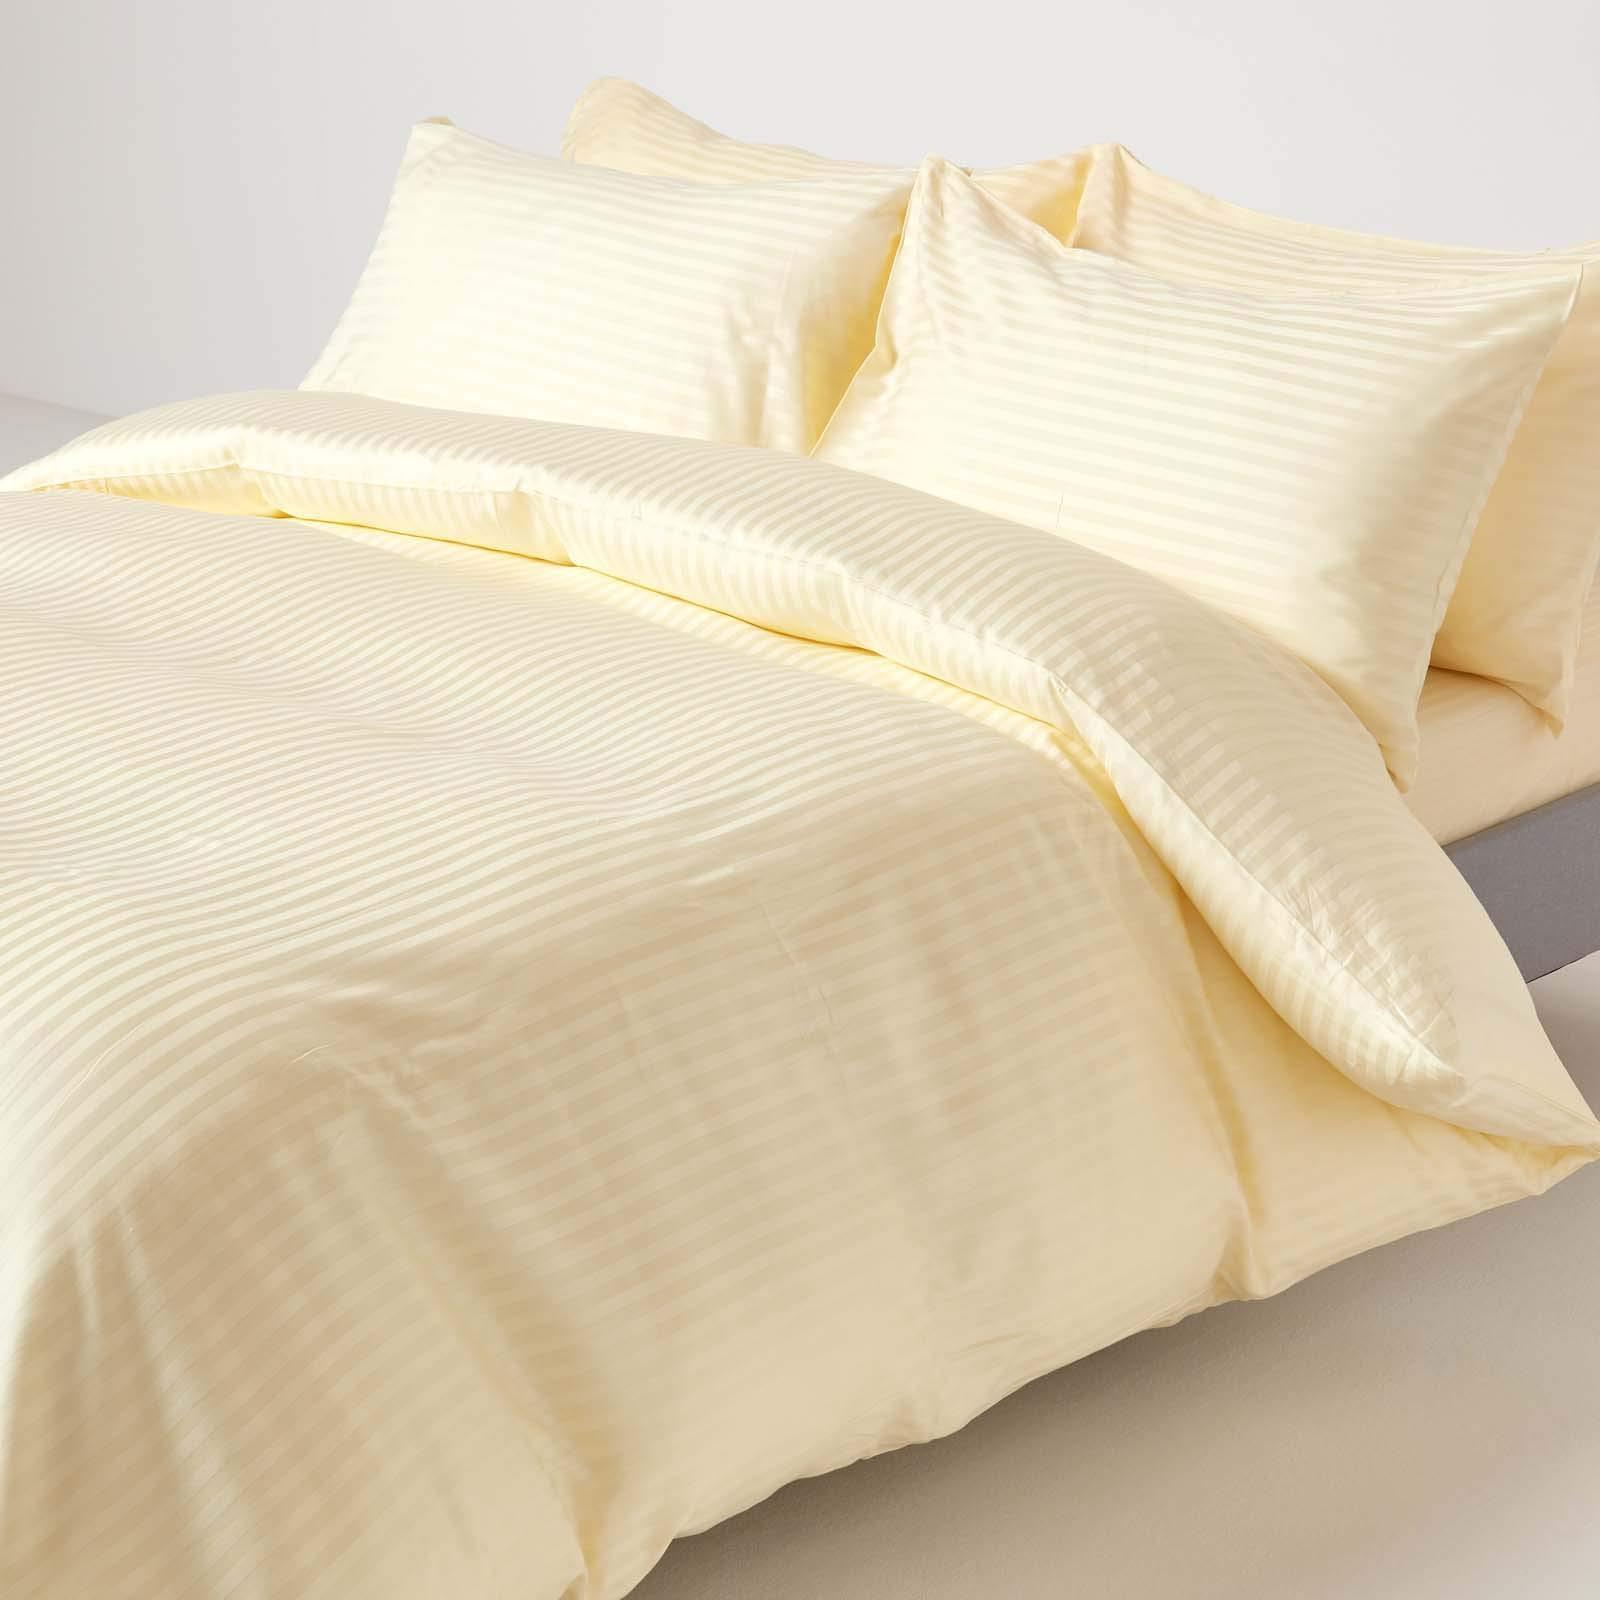 Homescapes Funda Nórdica Color Crema Rayas de Satén 220 x 230 cm y sus fundas de almohada 50 x 75 cm en 100% algodon egipcio con una densidad de tejido 130 hilos/cm²: Amazon.es: Hogar